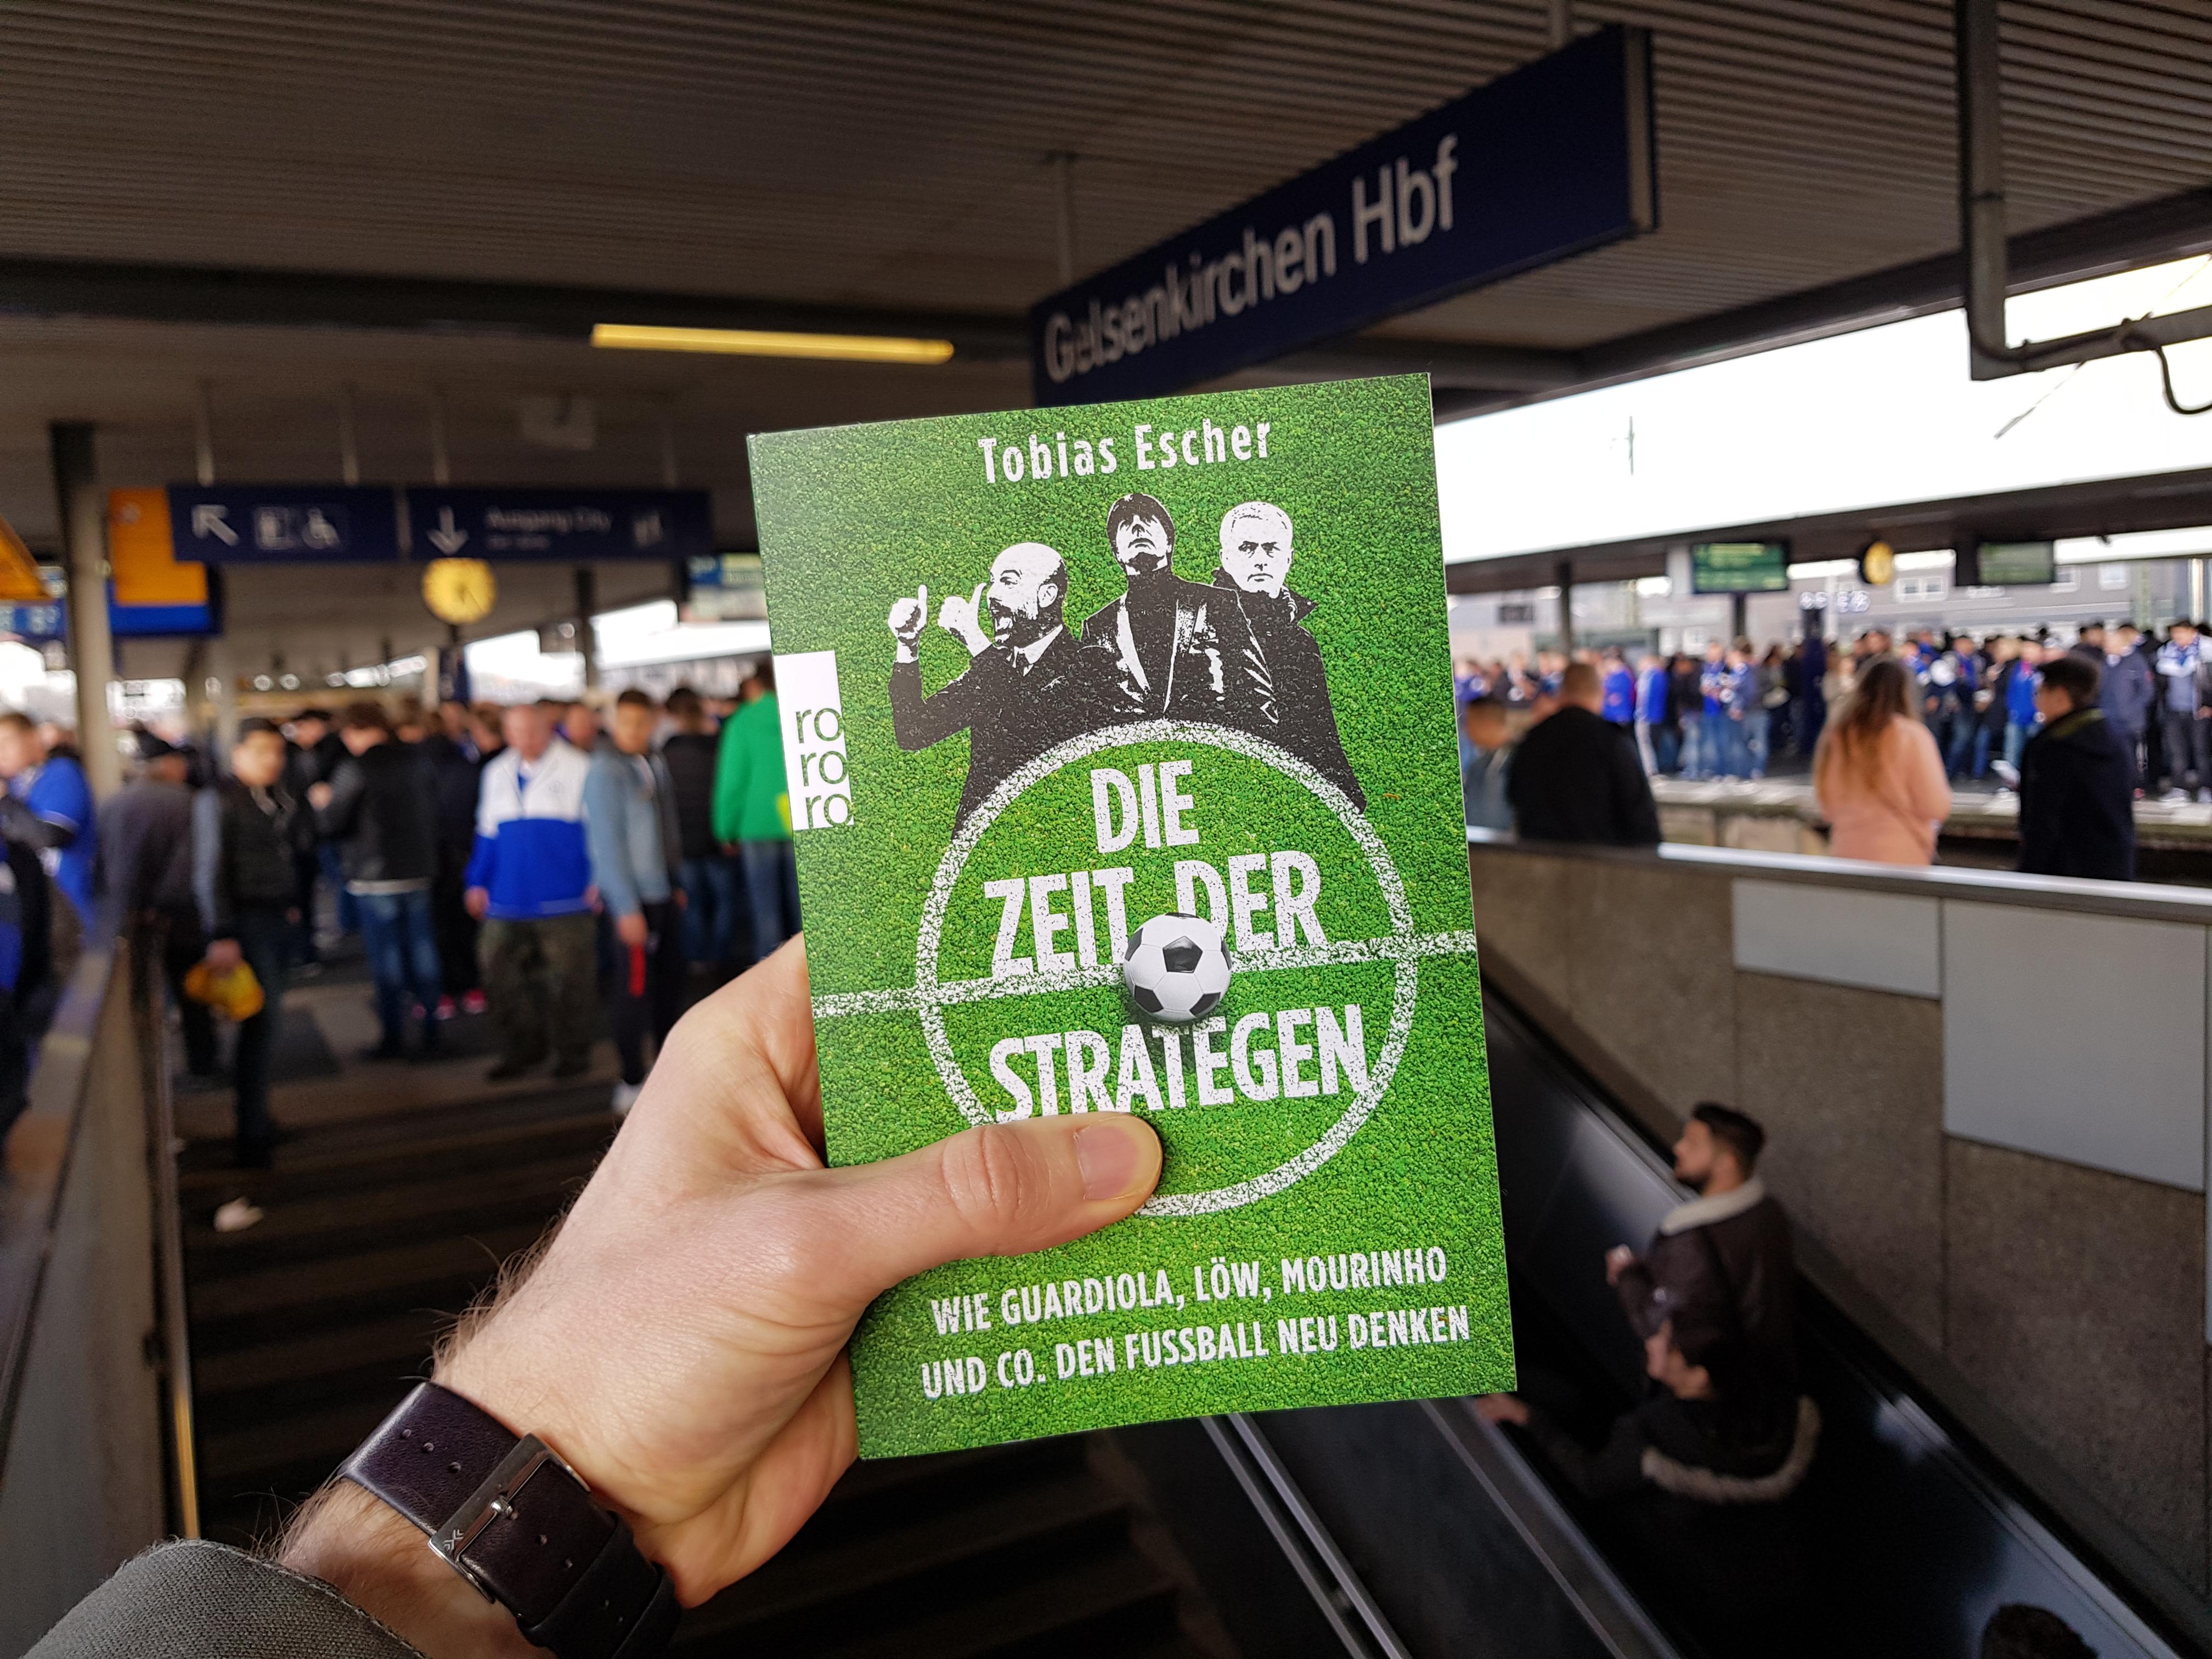 Tobias Escher: Die Zeit der Strategen